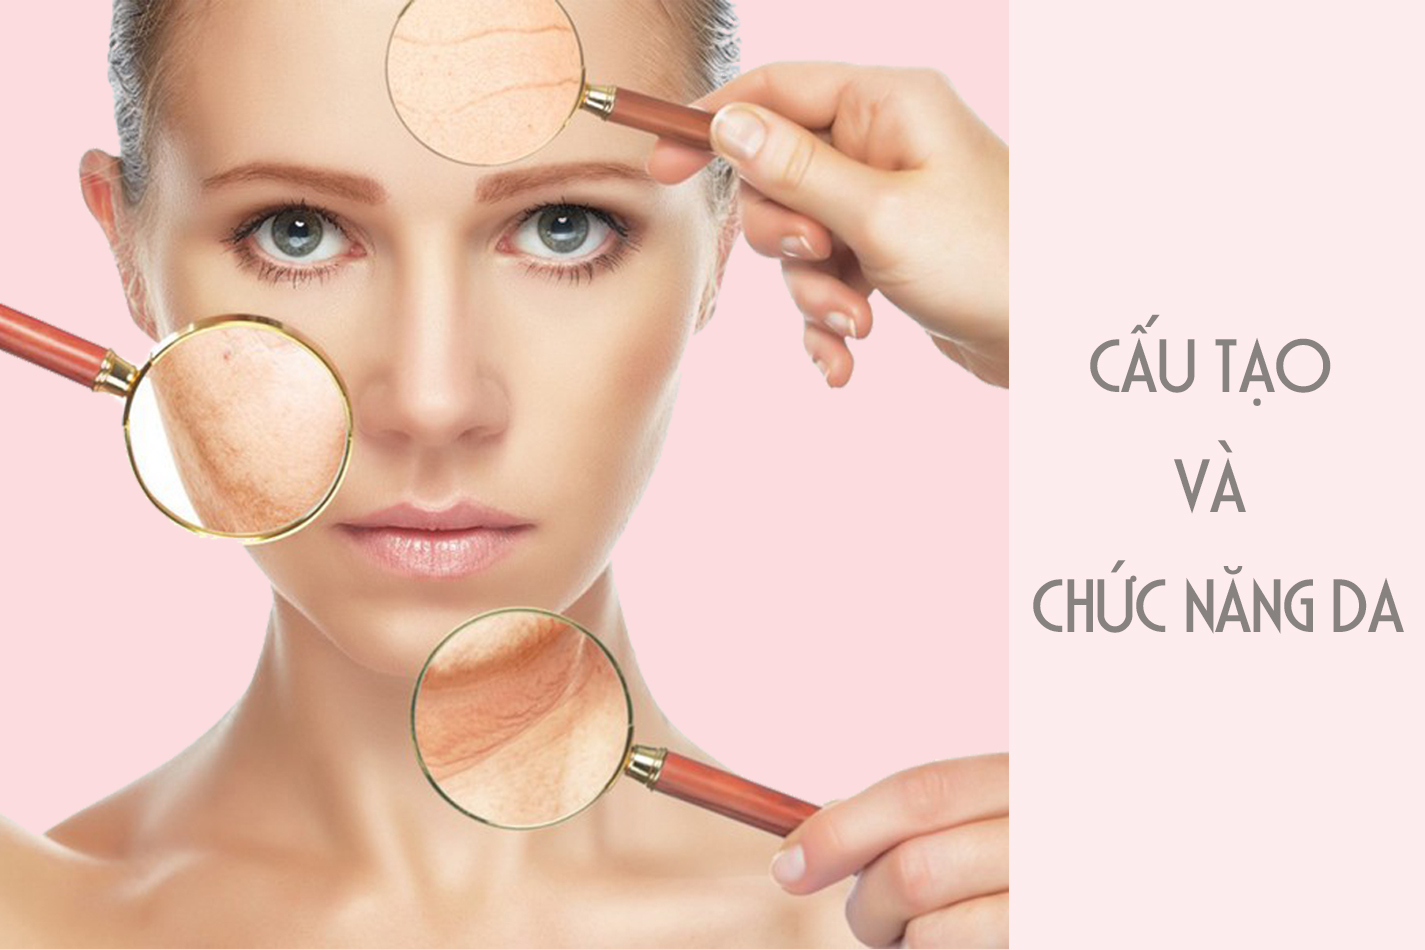 Cấu tạo và chức năng của da